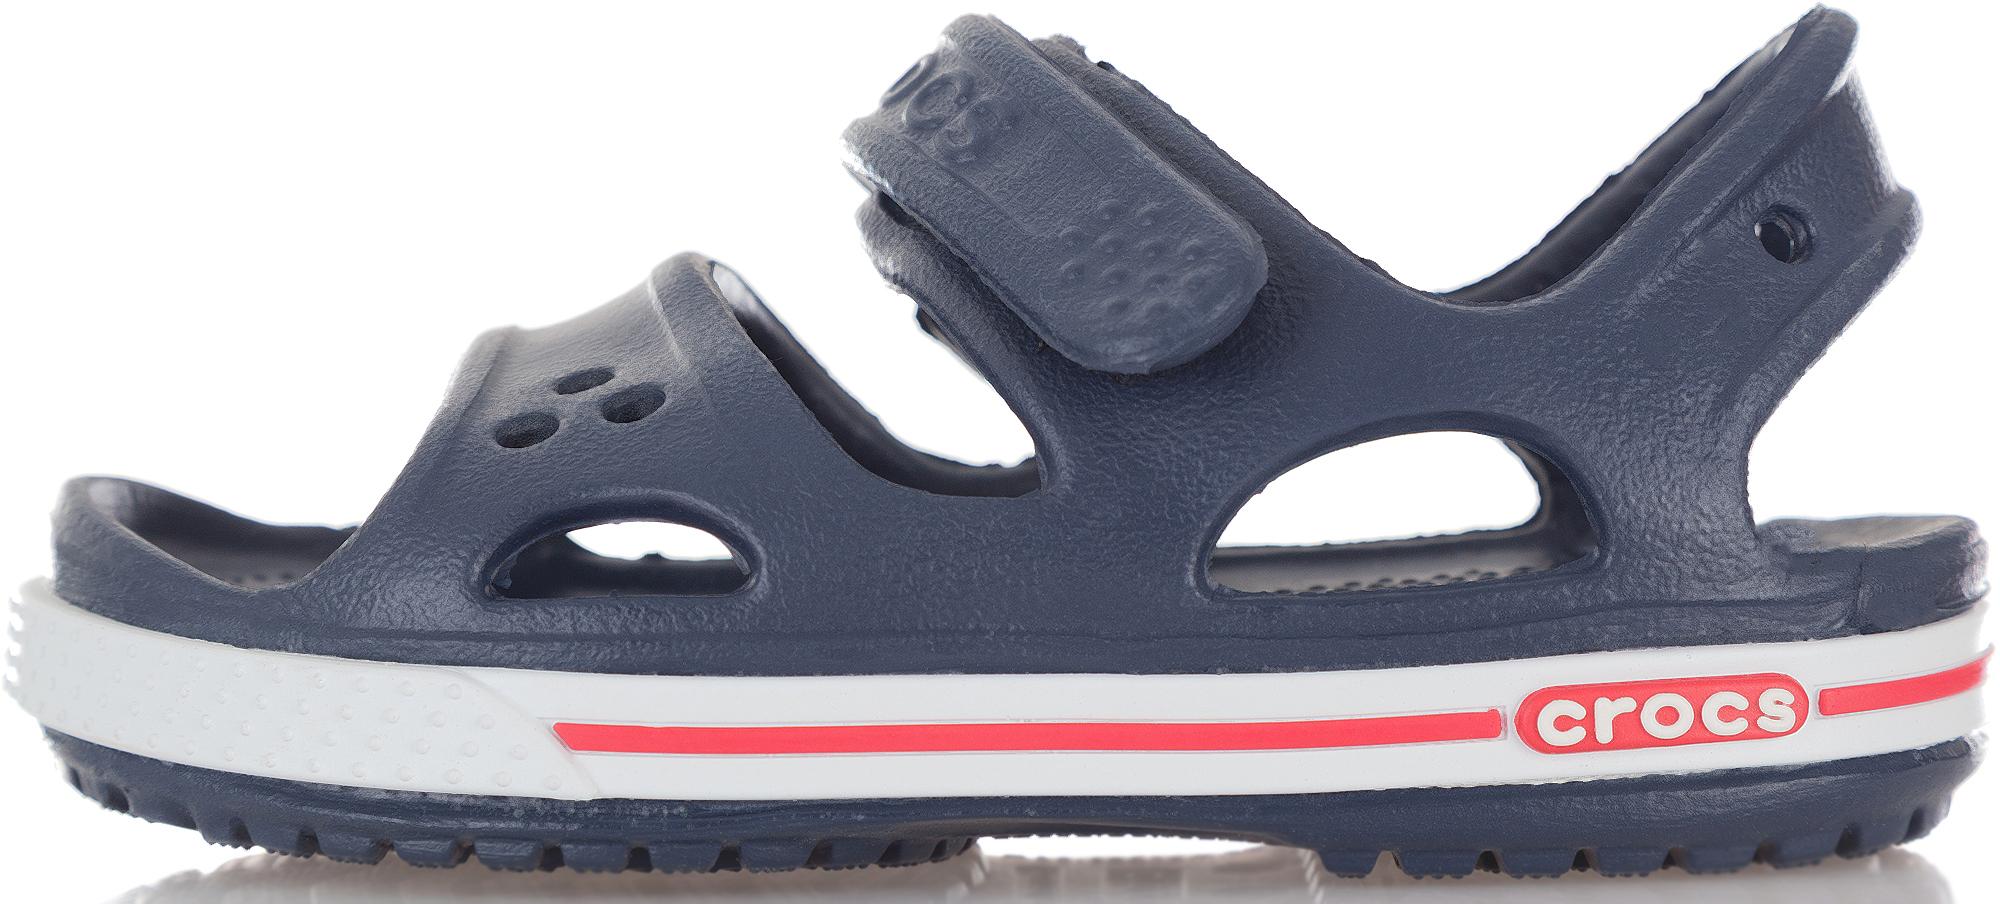 Crocs Сандалии для мальчиков Crocband II, размер 30